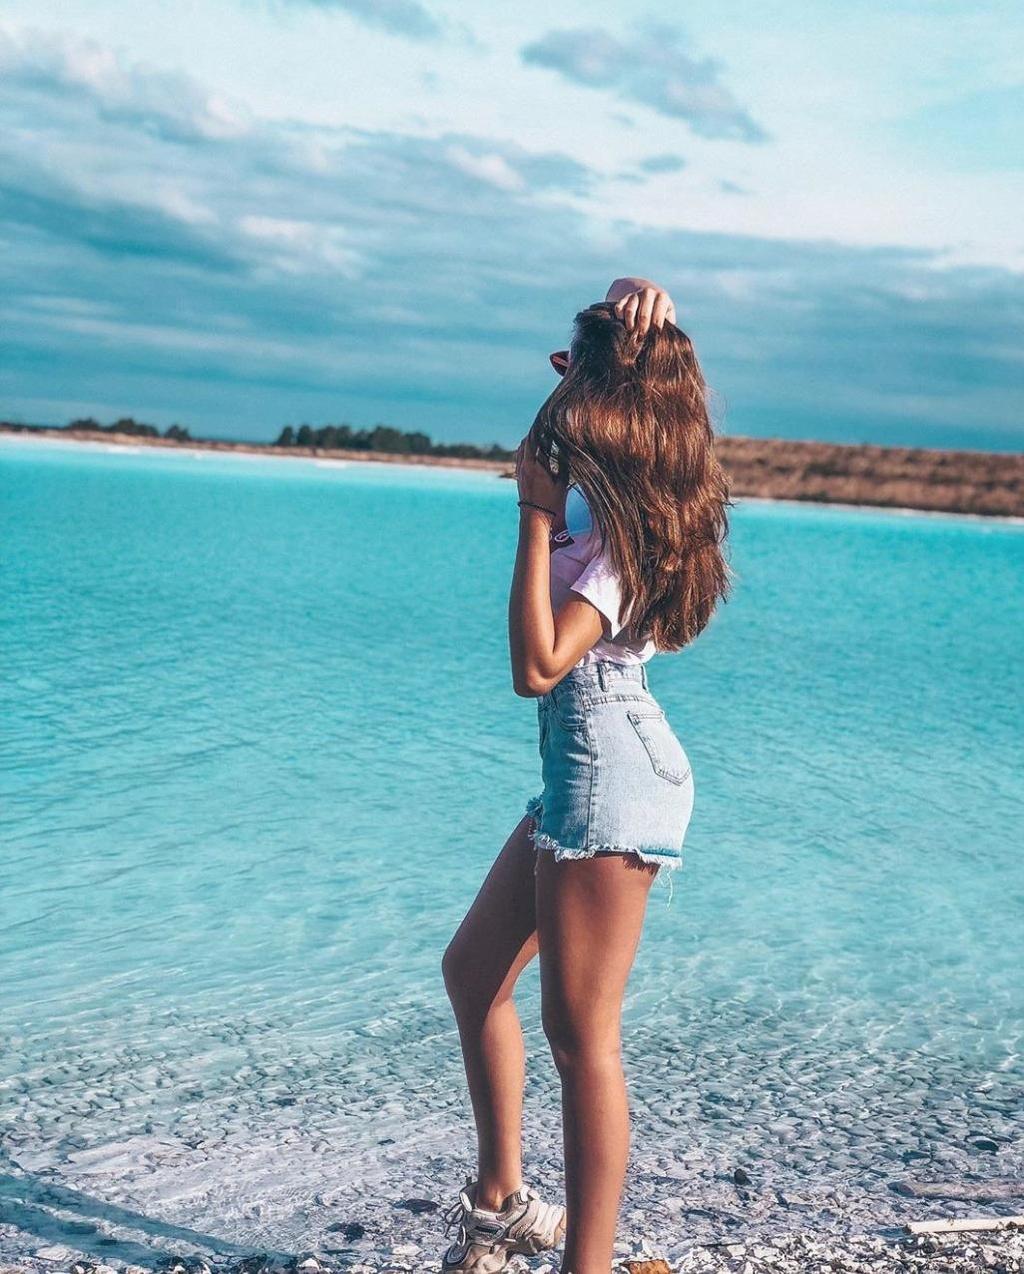 'Hot girl' Instagram khoe dang ben ho nuoc doc 'Maldives cua Nga' hinh anh 10